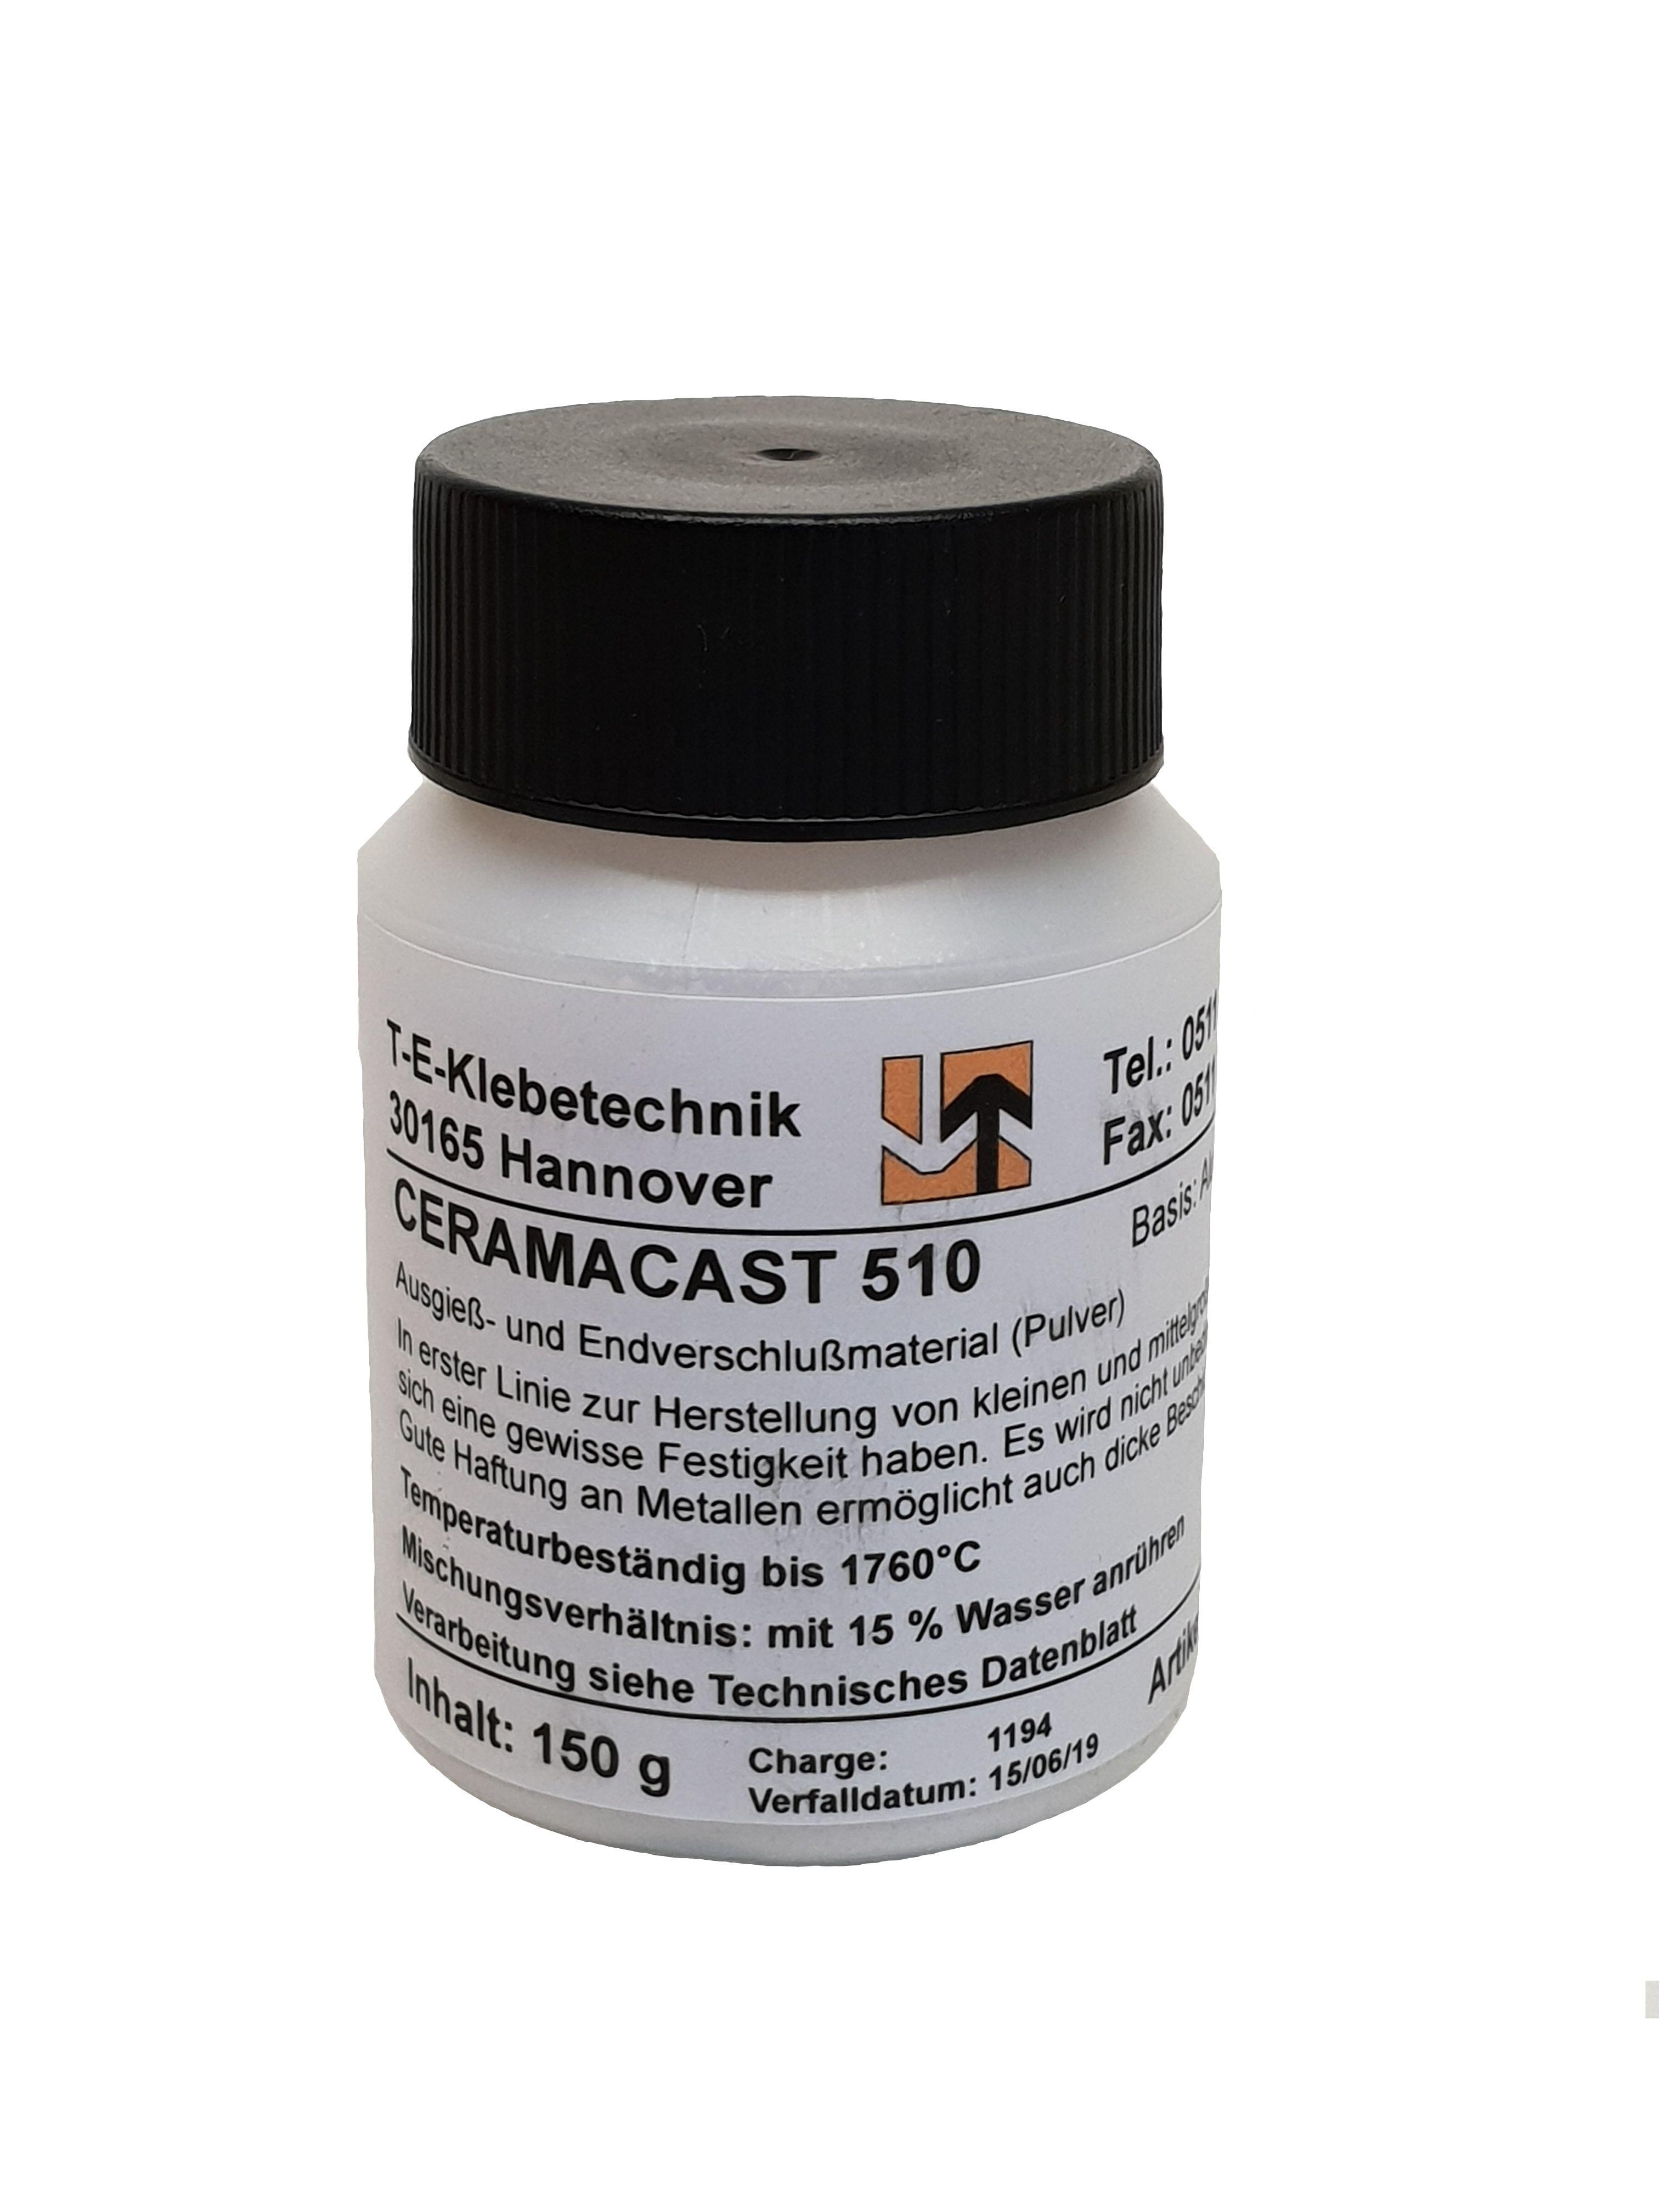 Ceramacast 510